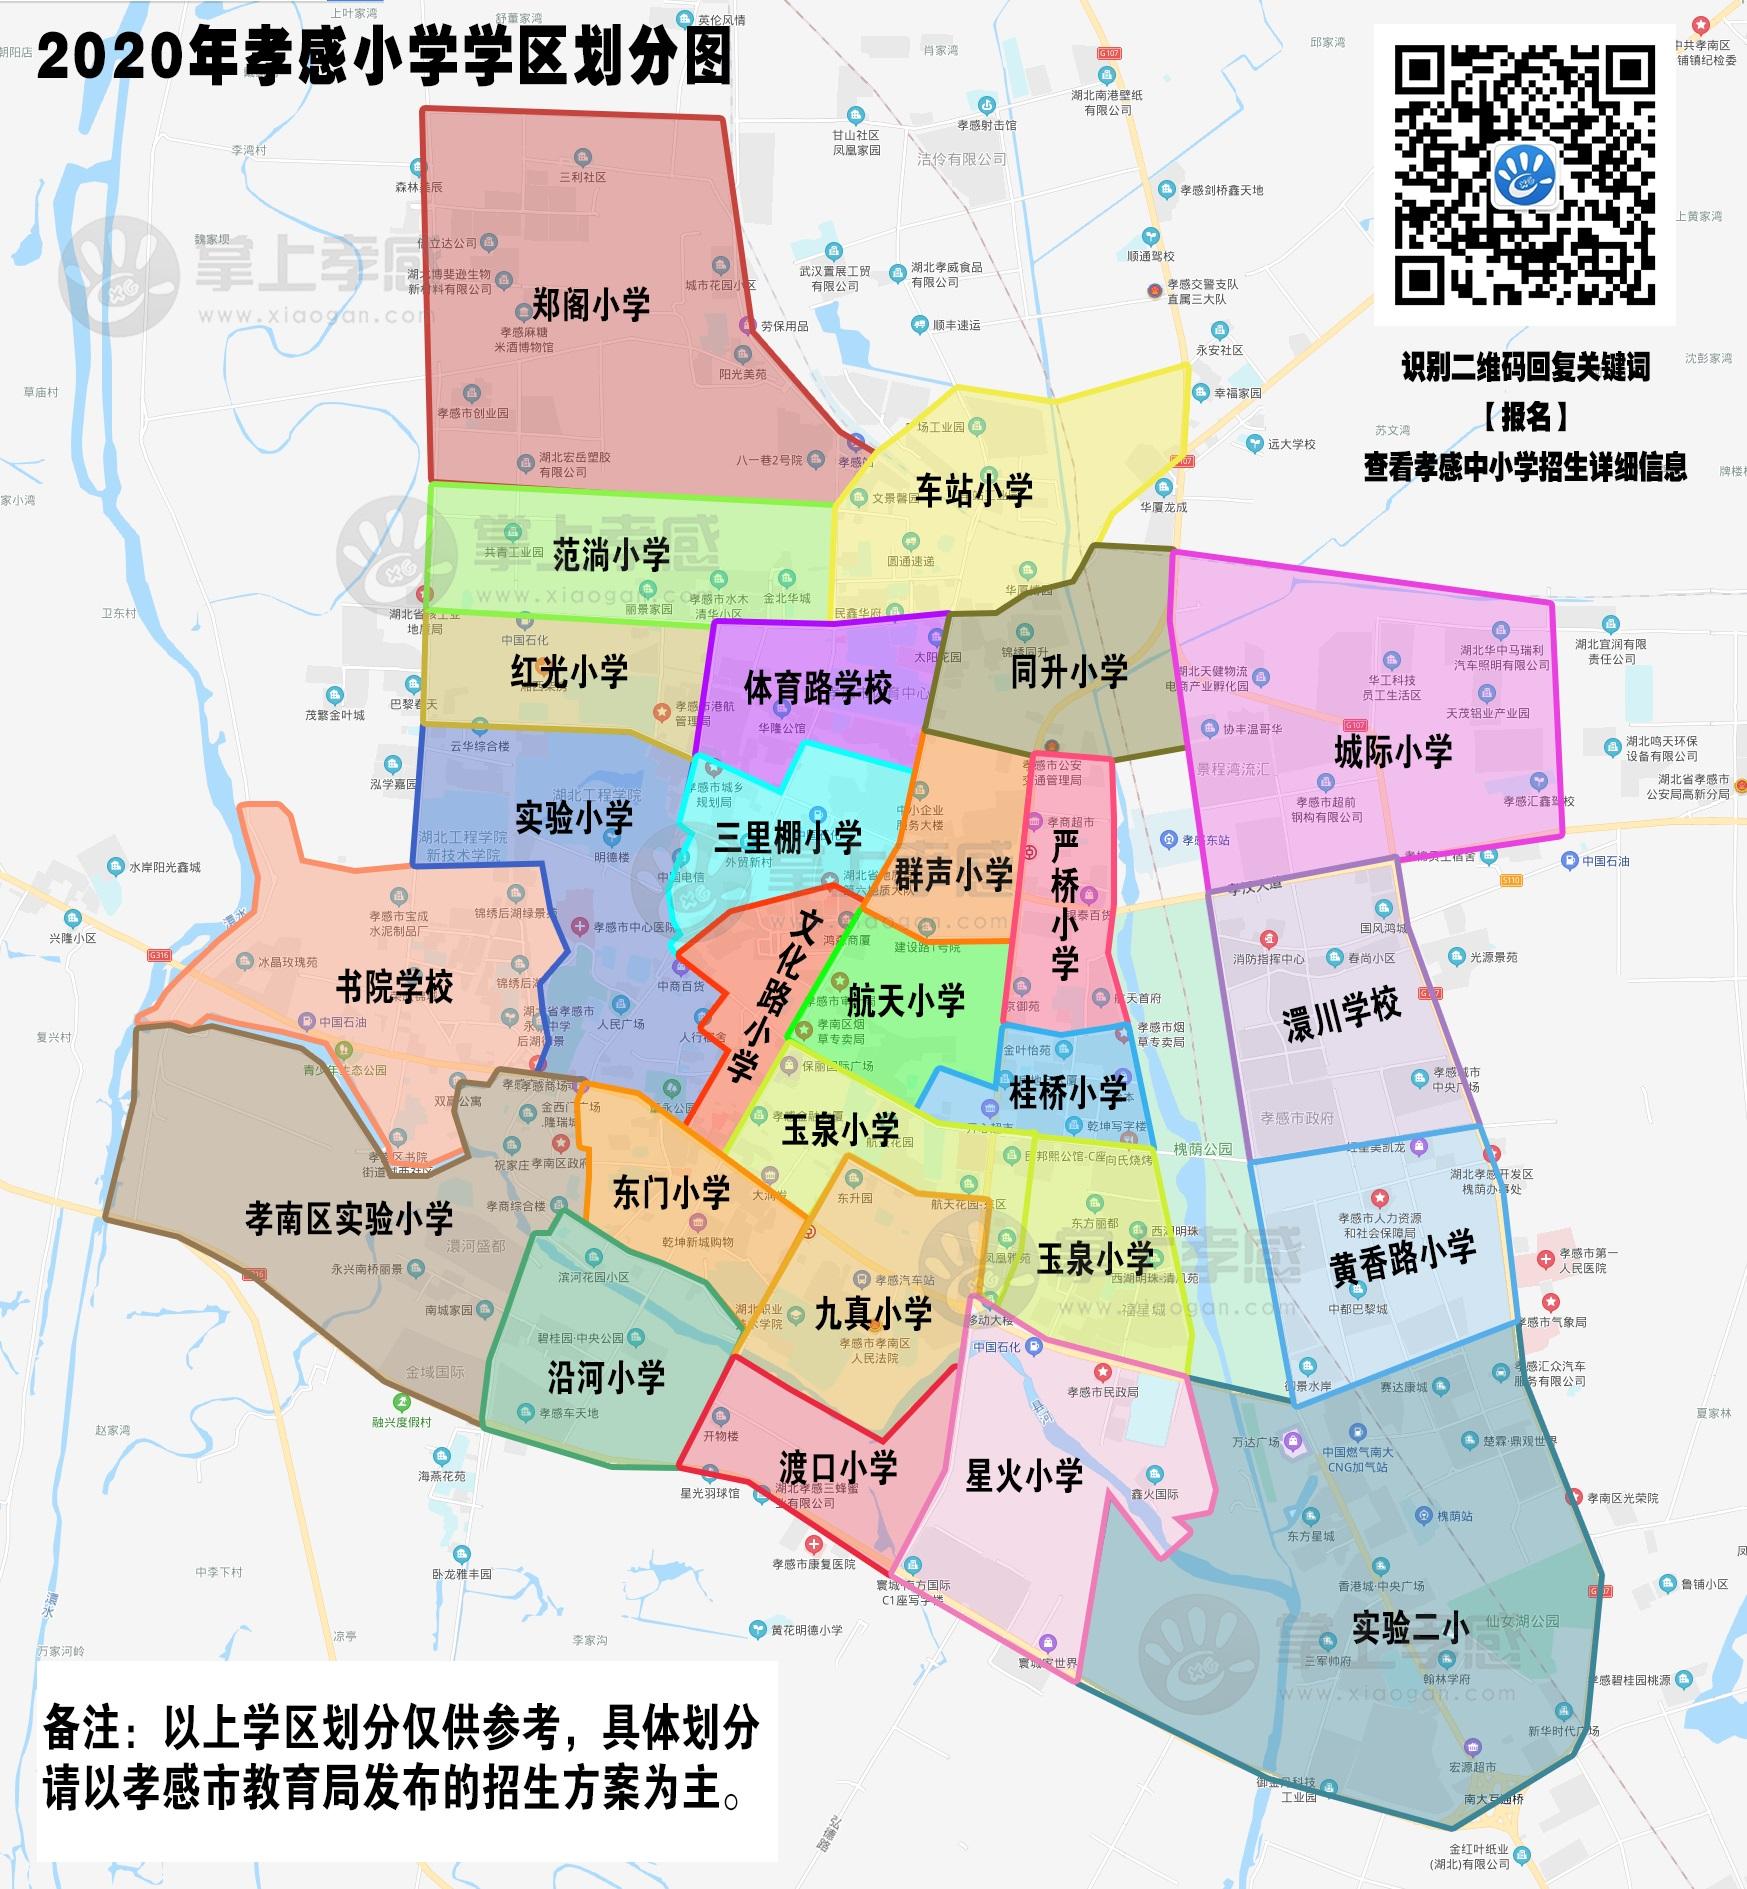 2020孝感中学区划分高清地图出炉!(含招生咨询电话)